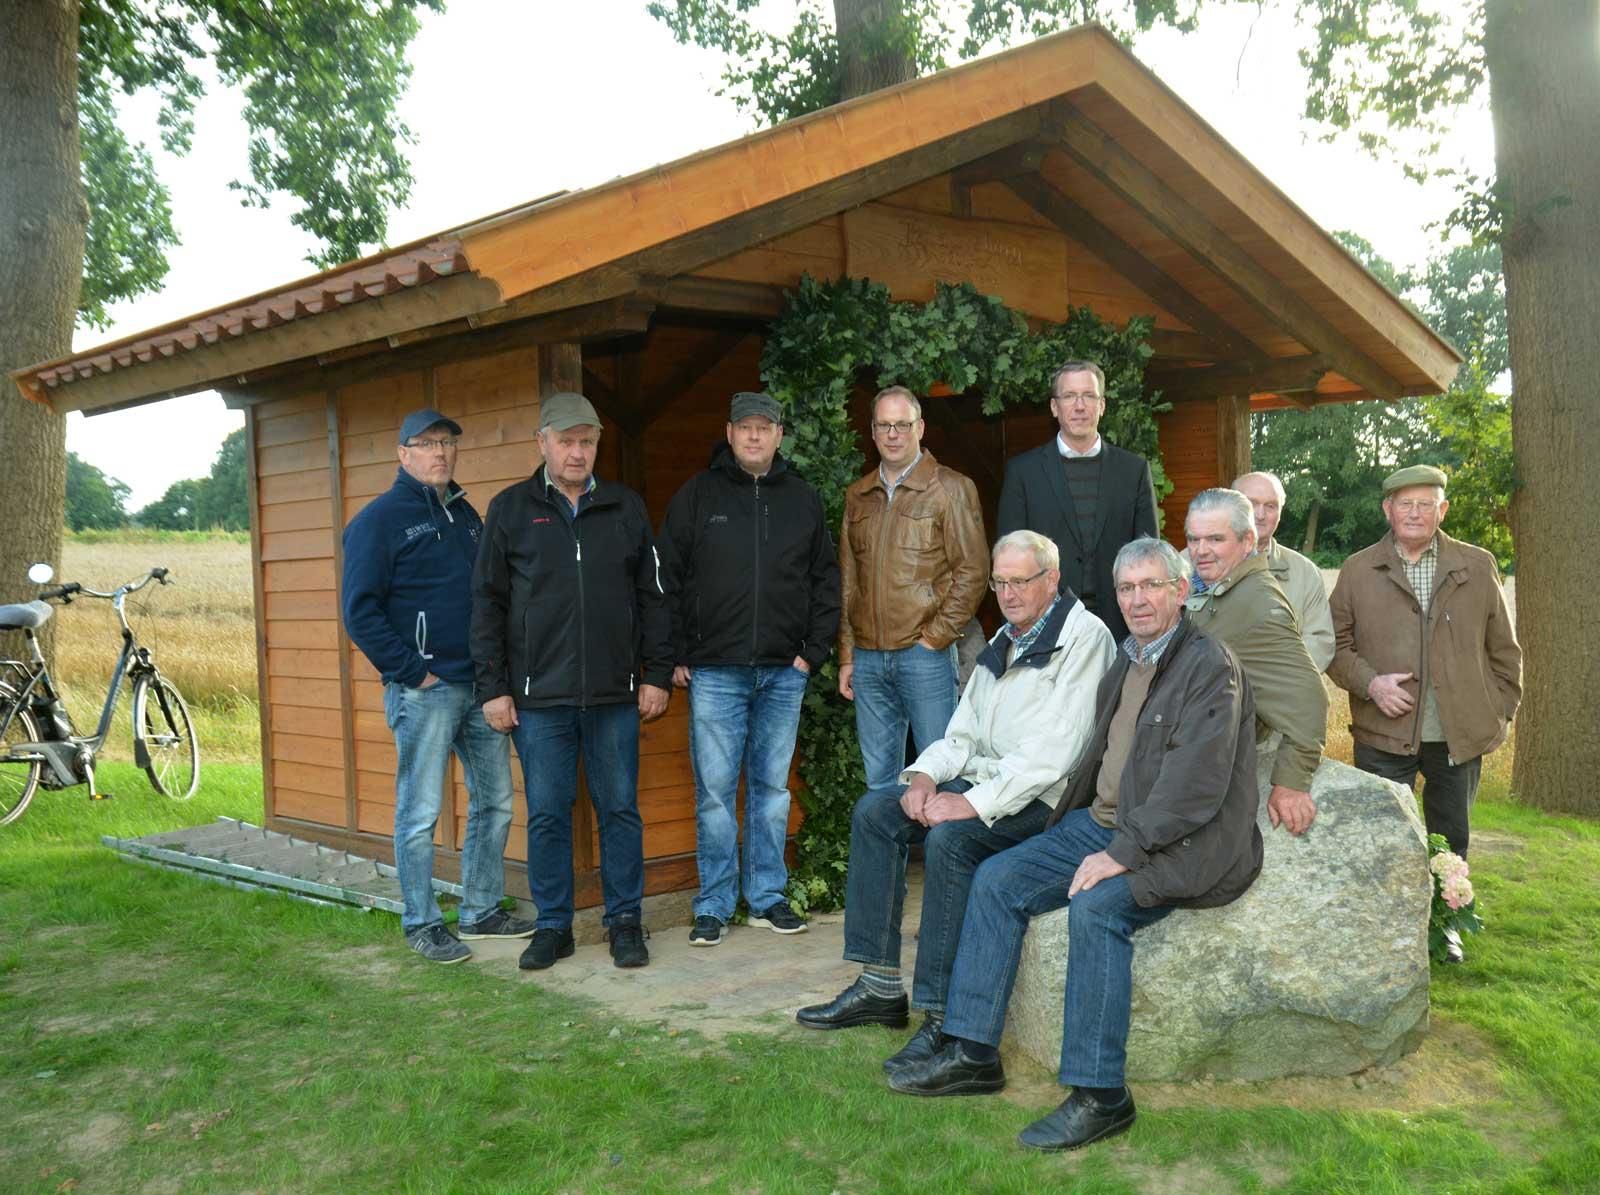 Mit einem Eichenkranz hatten die Nachbarn die neu errichtete Schutzhütte bekränzt. Unser Foto entstand bei der Einweihung.Foto: Georg Geers